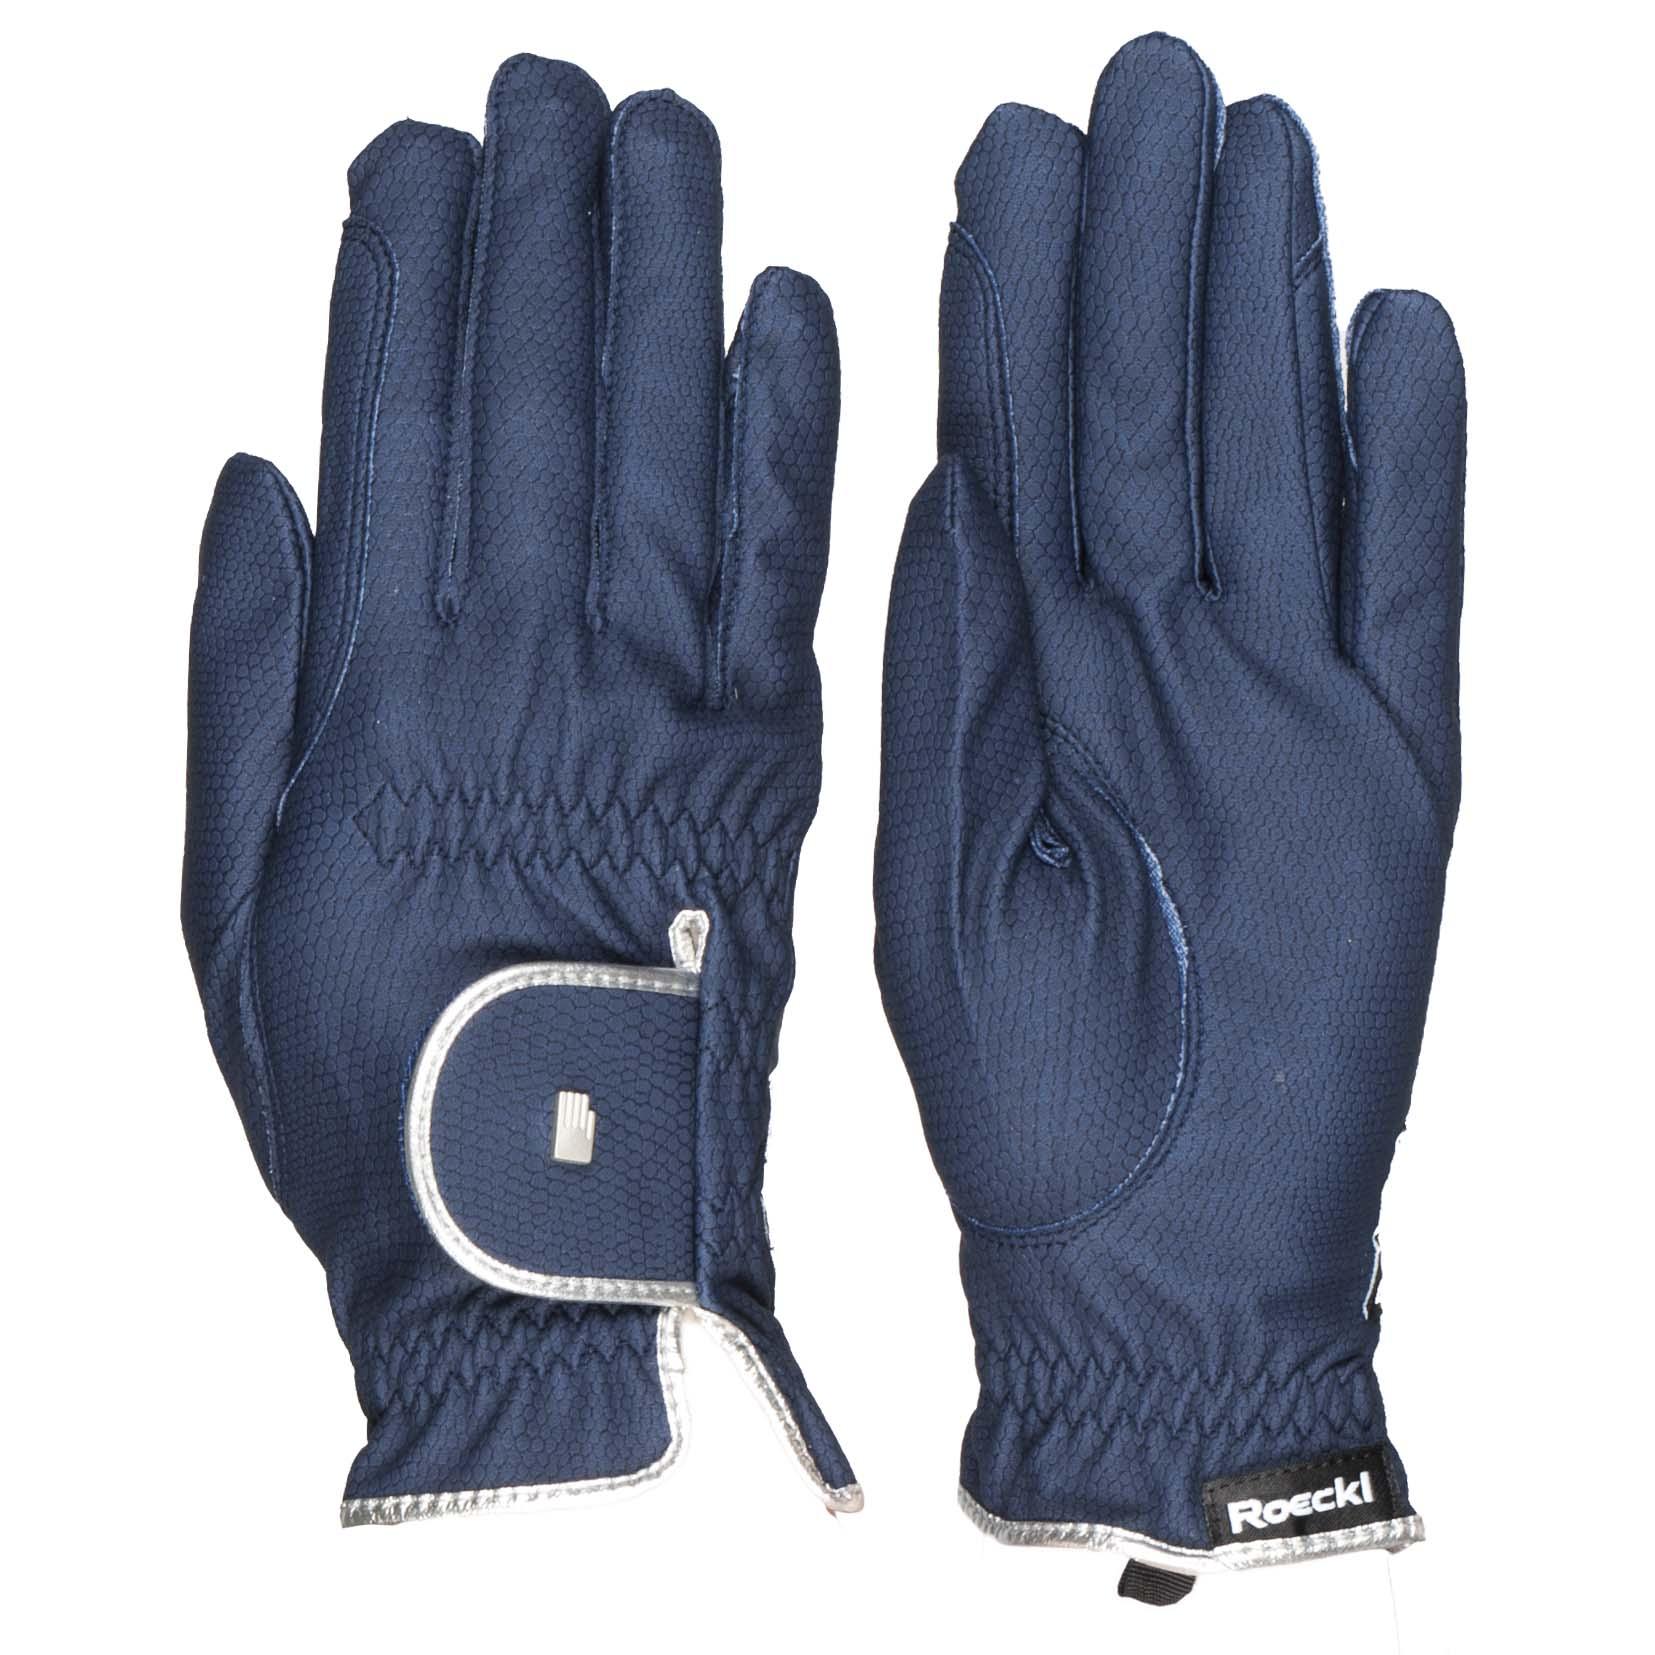 Roeckl Lona handschoenen donkerblauw maat:6